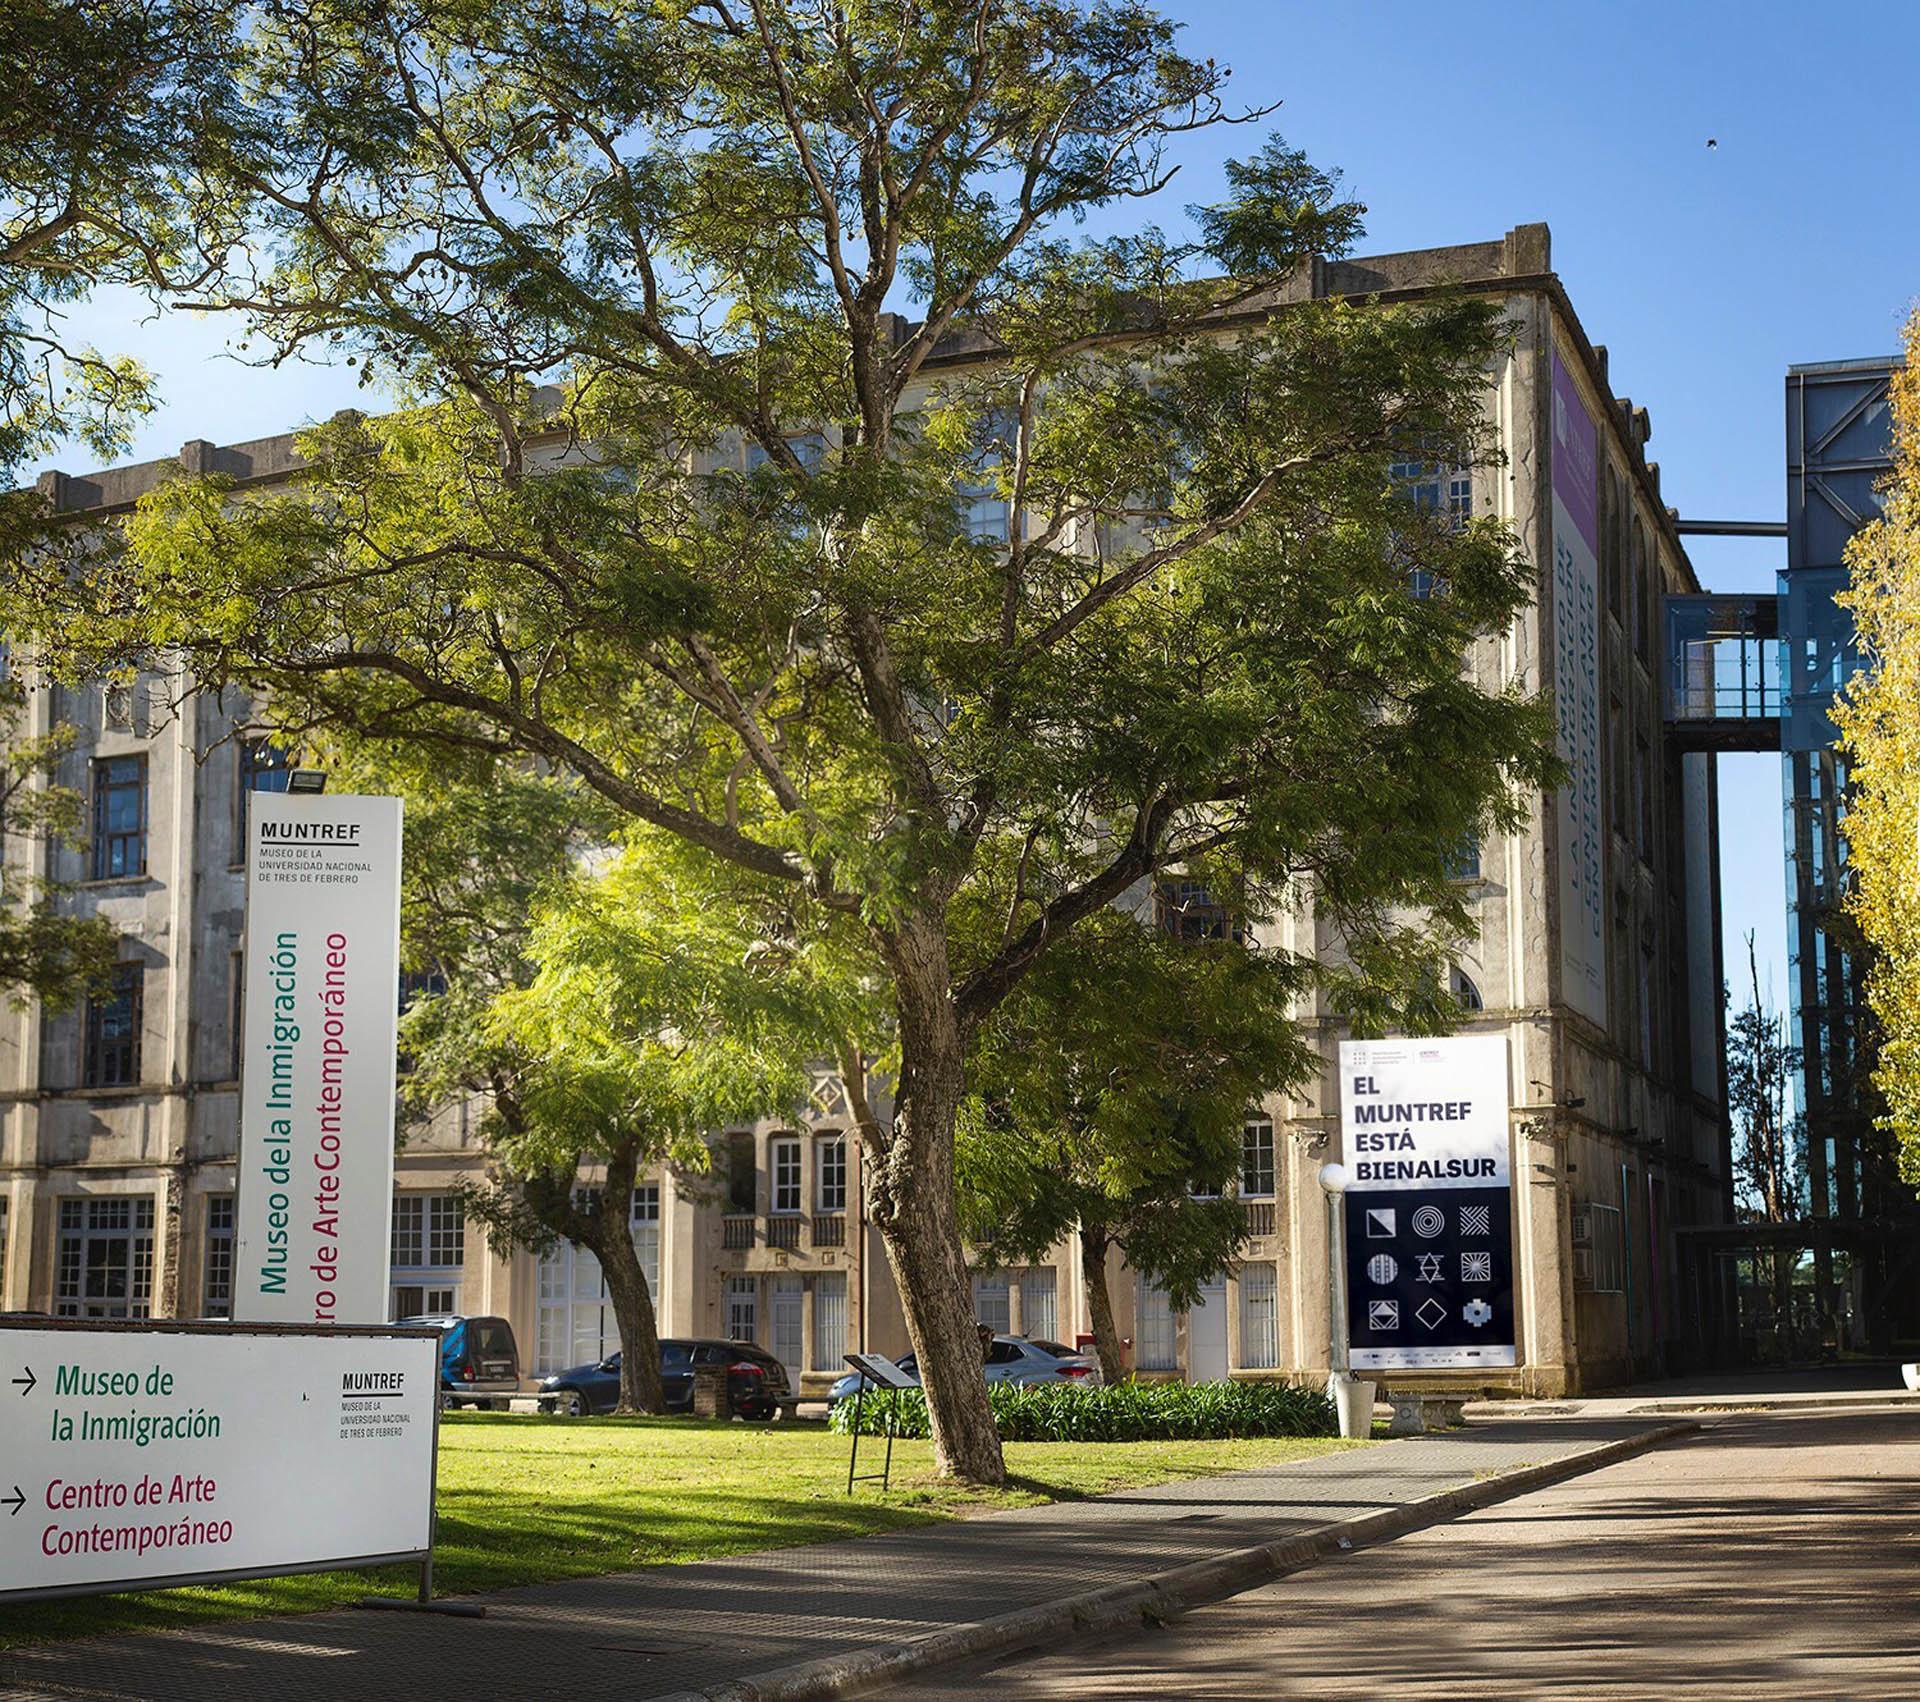 Centro de Arte Contemporaneo y Museo de la Inmigración sede Hotel de Inmigrantes(UNTEF Media- BIENALSUR)